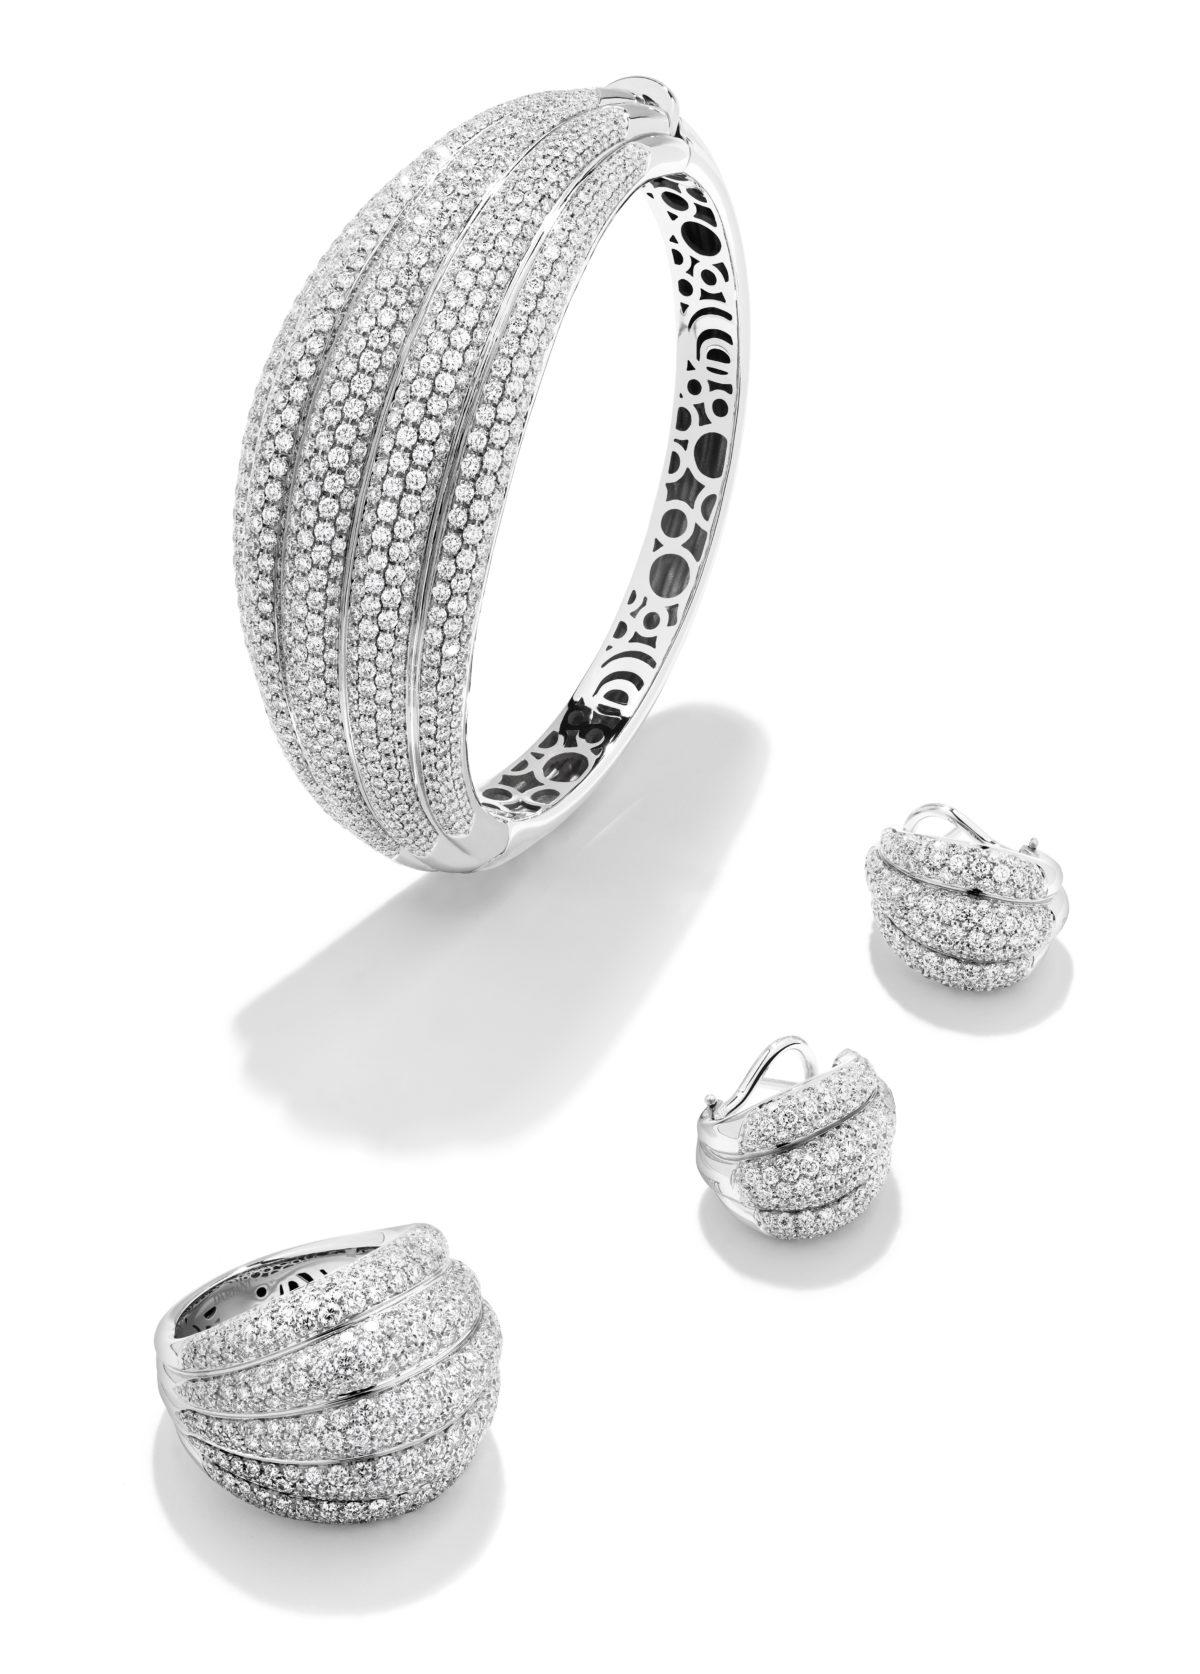 DAMIANI SPICCHI DI LUNA Parure in oro bianco e diamanti_Set in white gold and diamonds